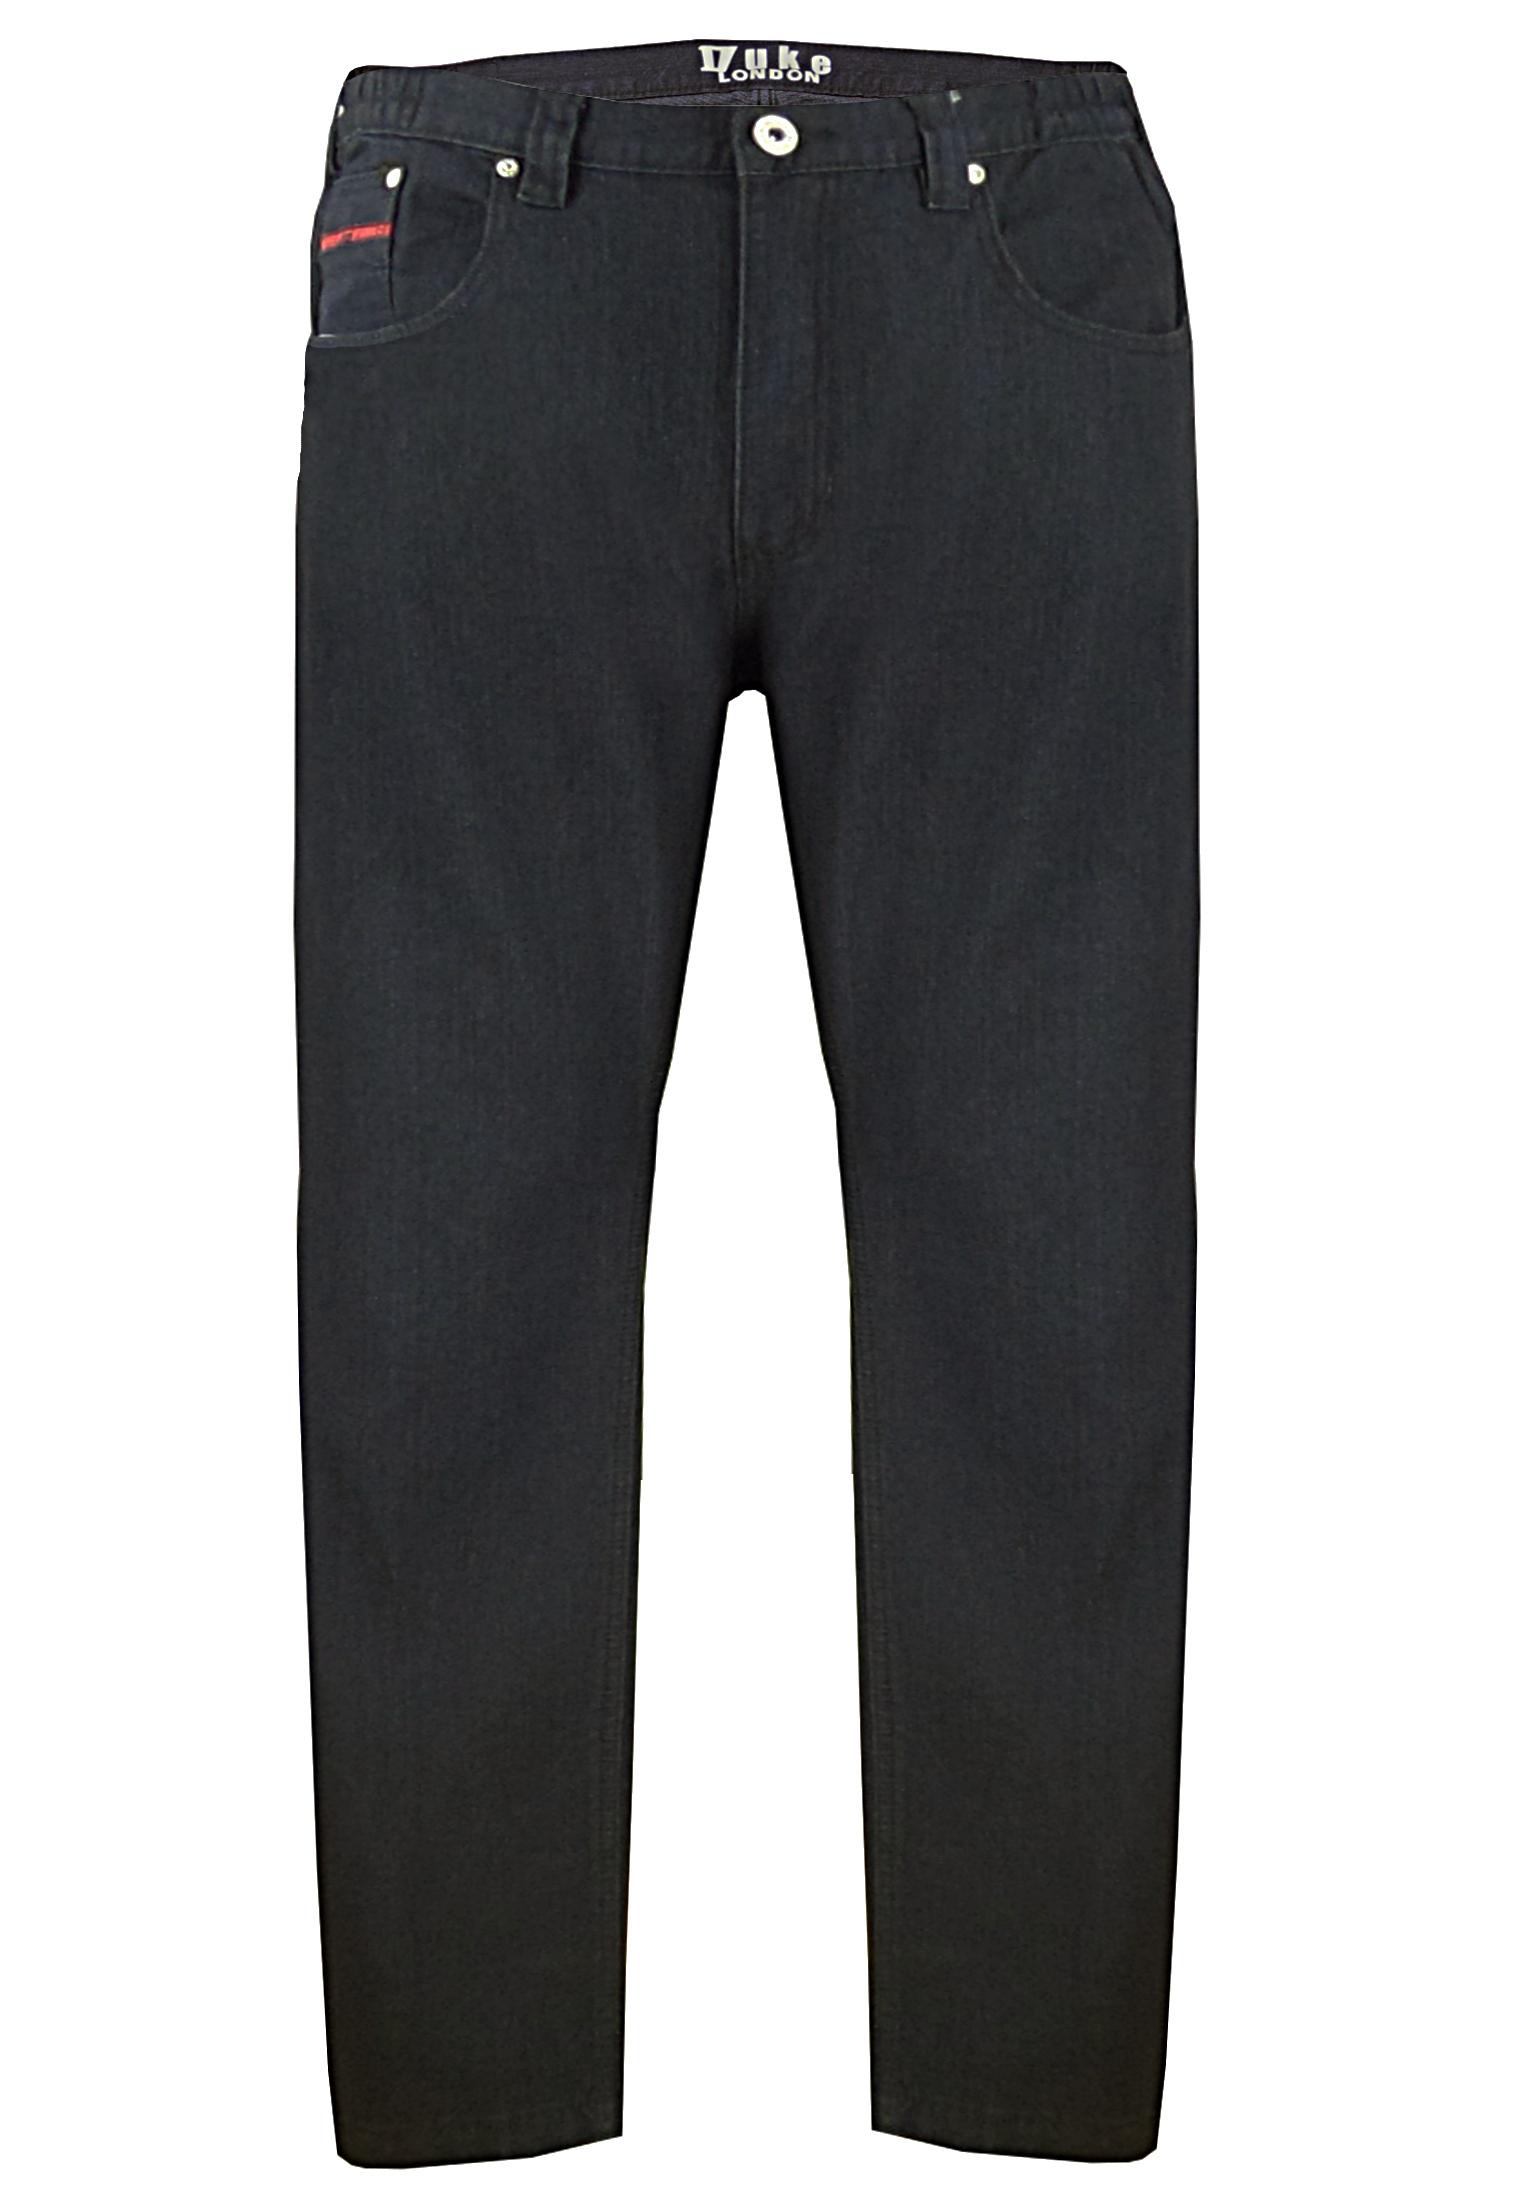 """Duke London Jeans """"Balfour"""" fantastisch Stretch Jeans met elastiek in de tailleband. 2 Steekzakken en een muntzakje met rood accent op de voorkant, 2 achterzakken met op de rechter zak een klein rood merklogo, leerlogo op de tailleband rechts achter."""